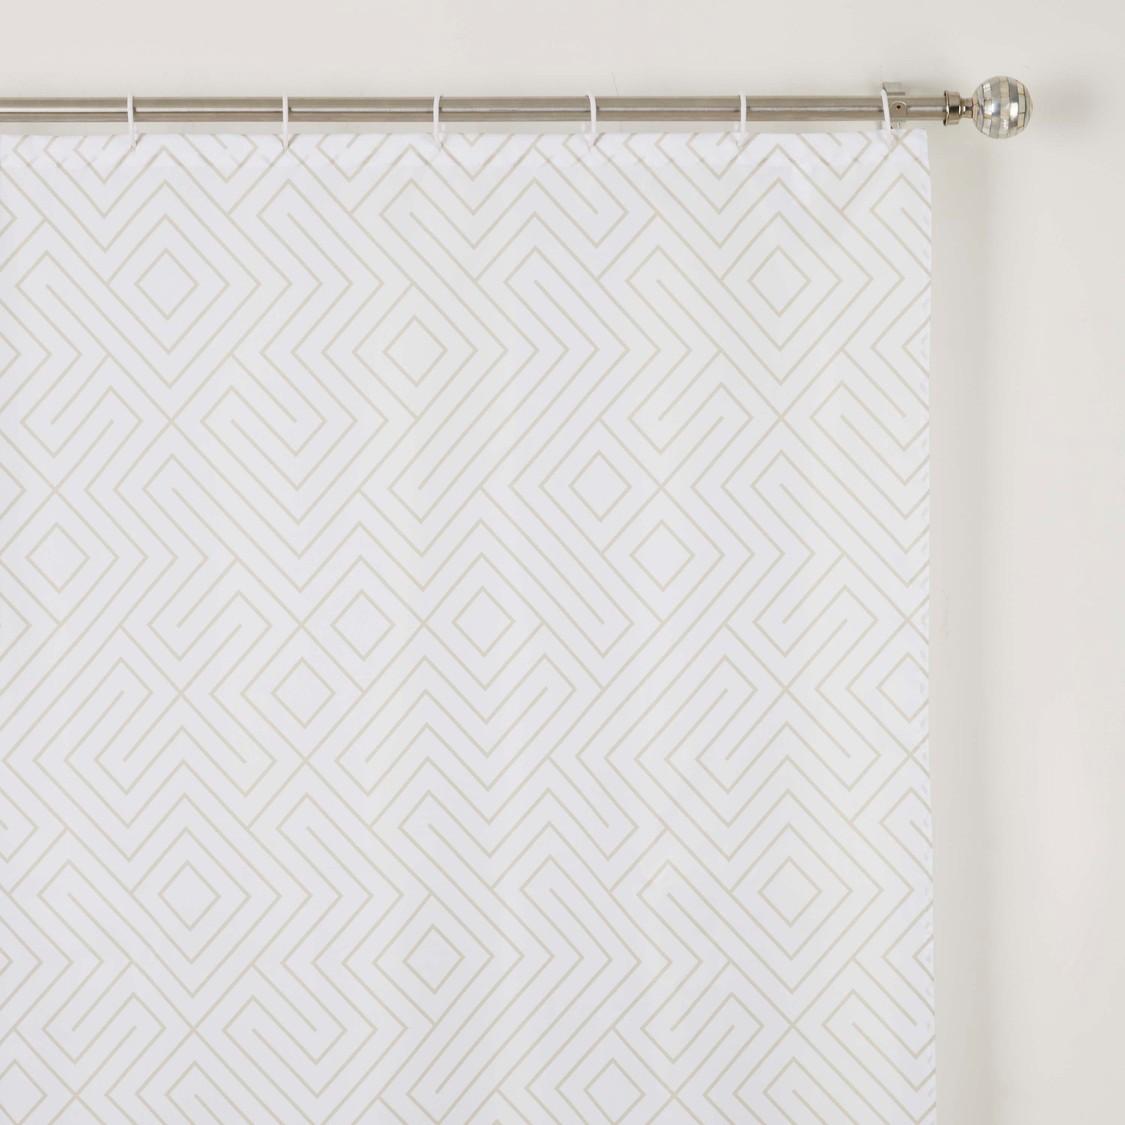 ستارة حمام بطبعات - 180x180 سم